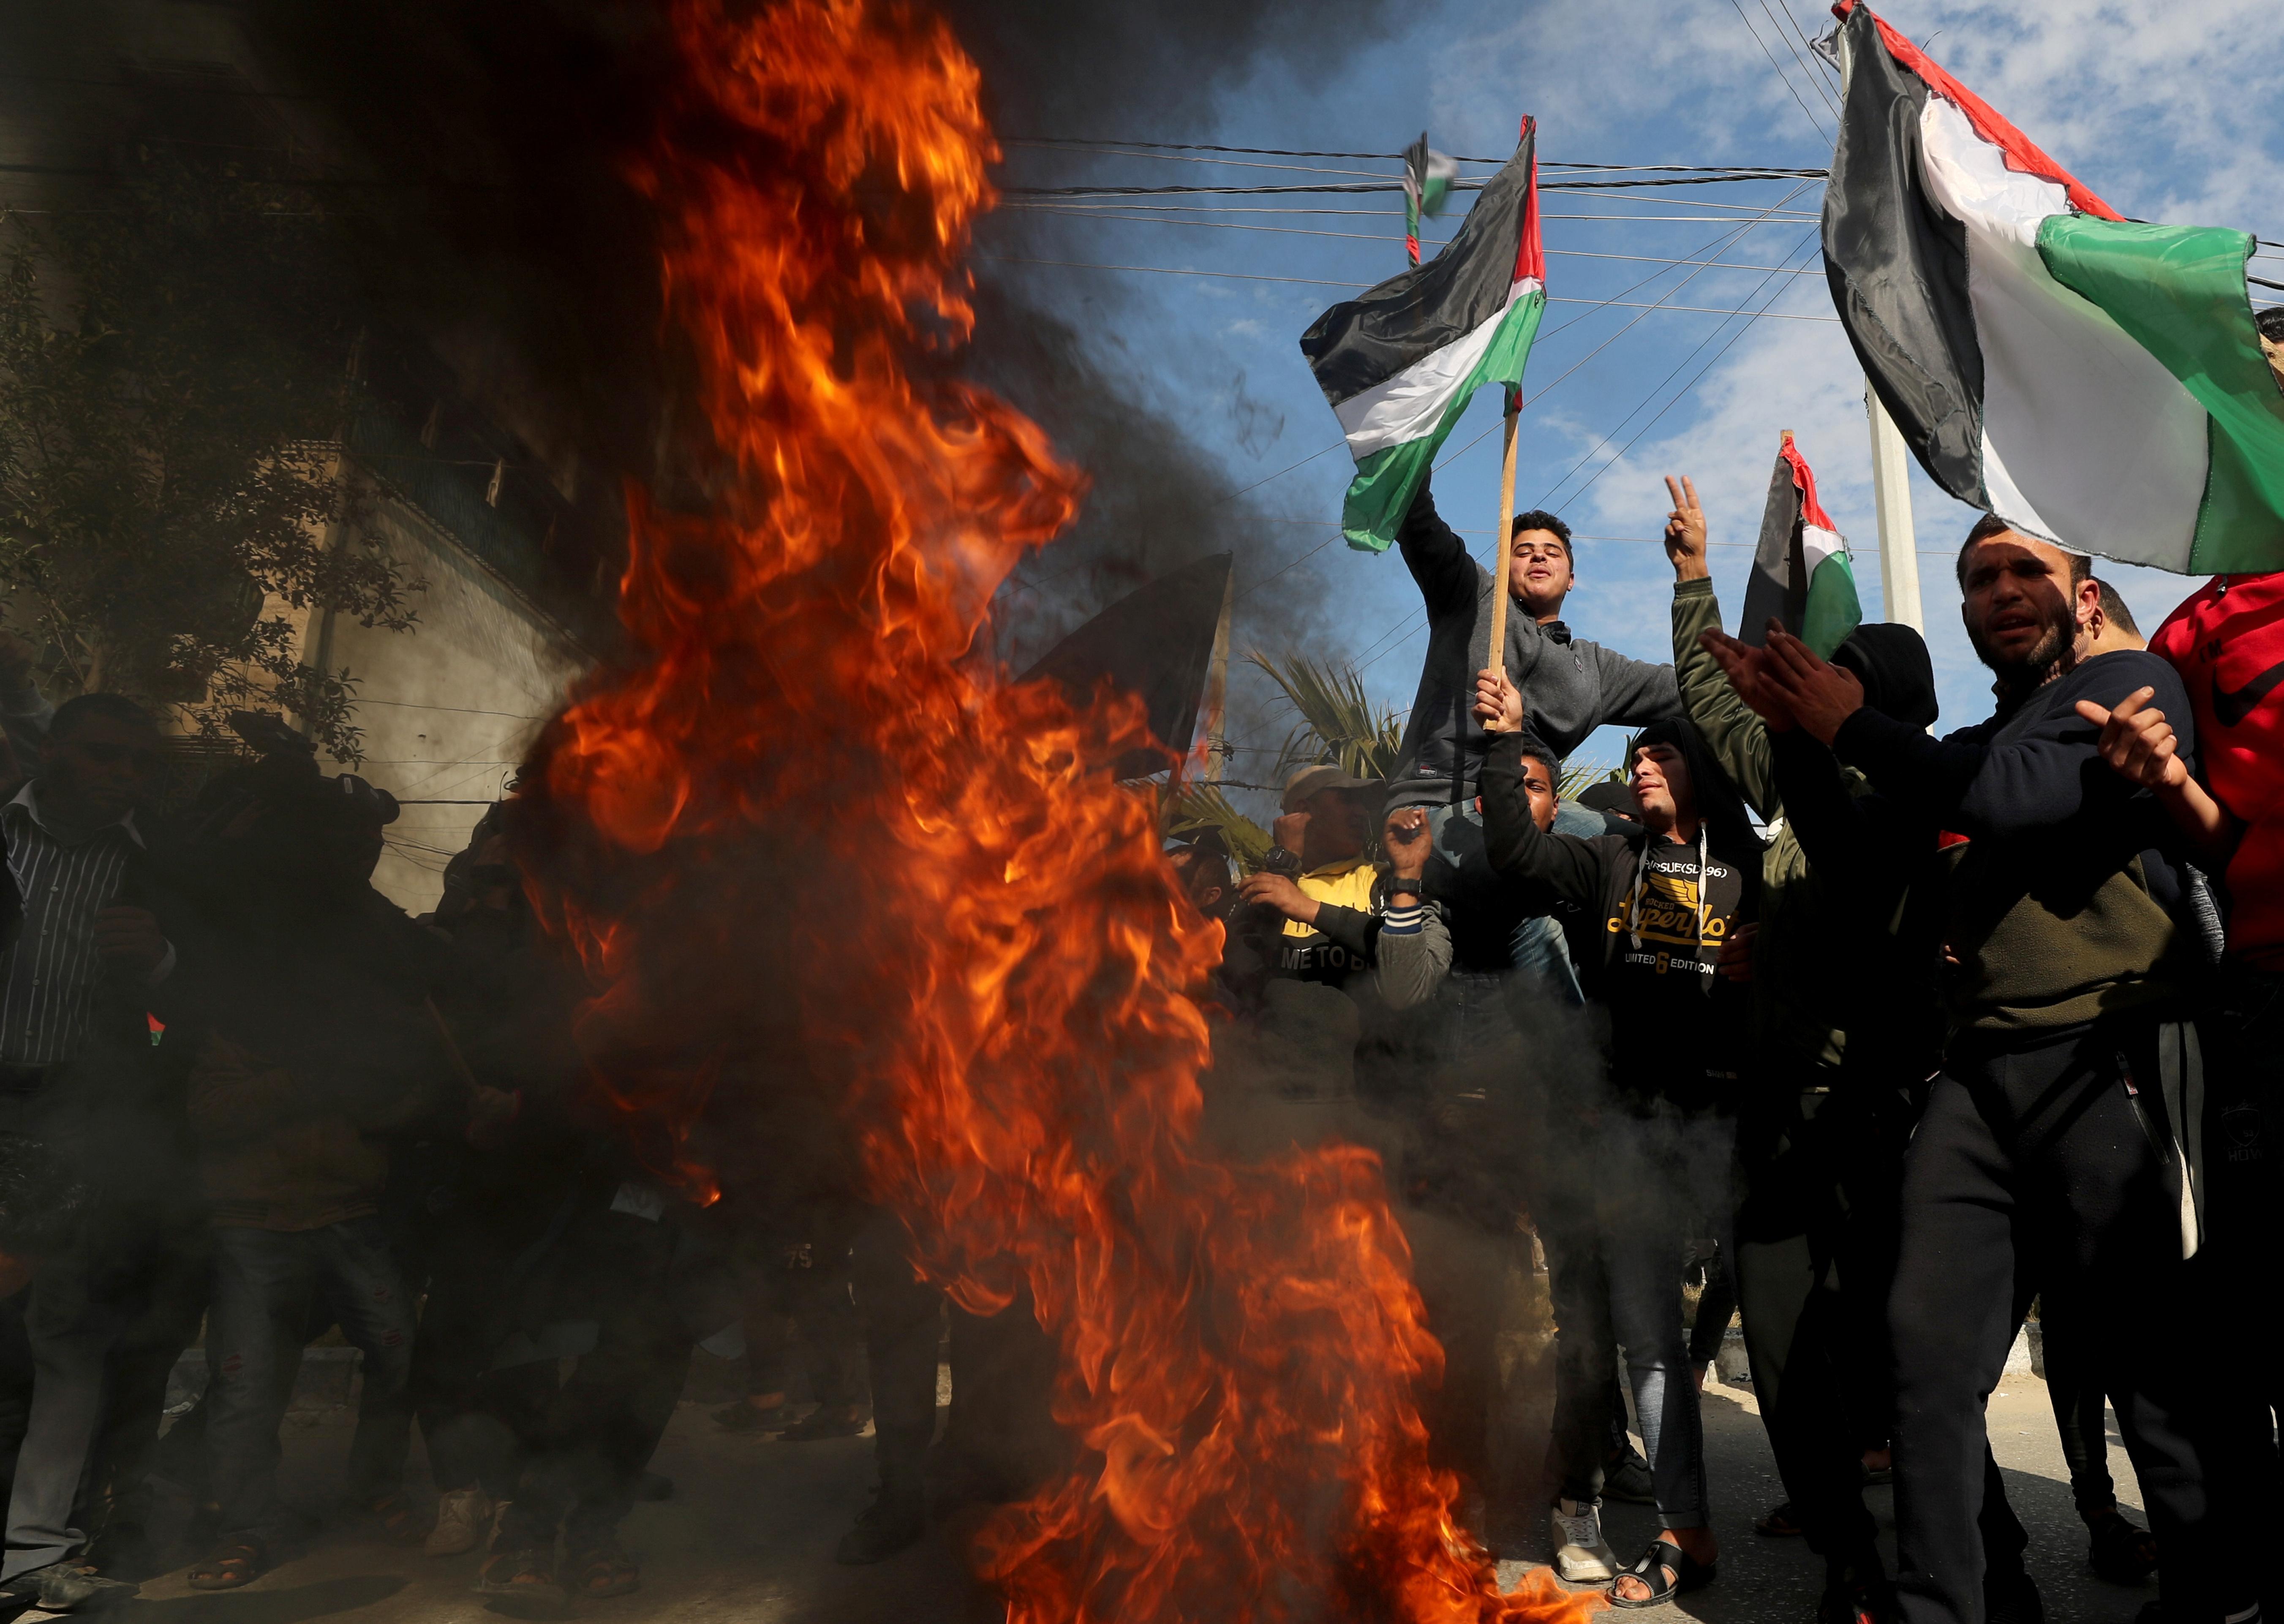 Ισραήλ: Βομβαρδισμοί κατά της Χαμάς στη Λωρίδα της Γάζας